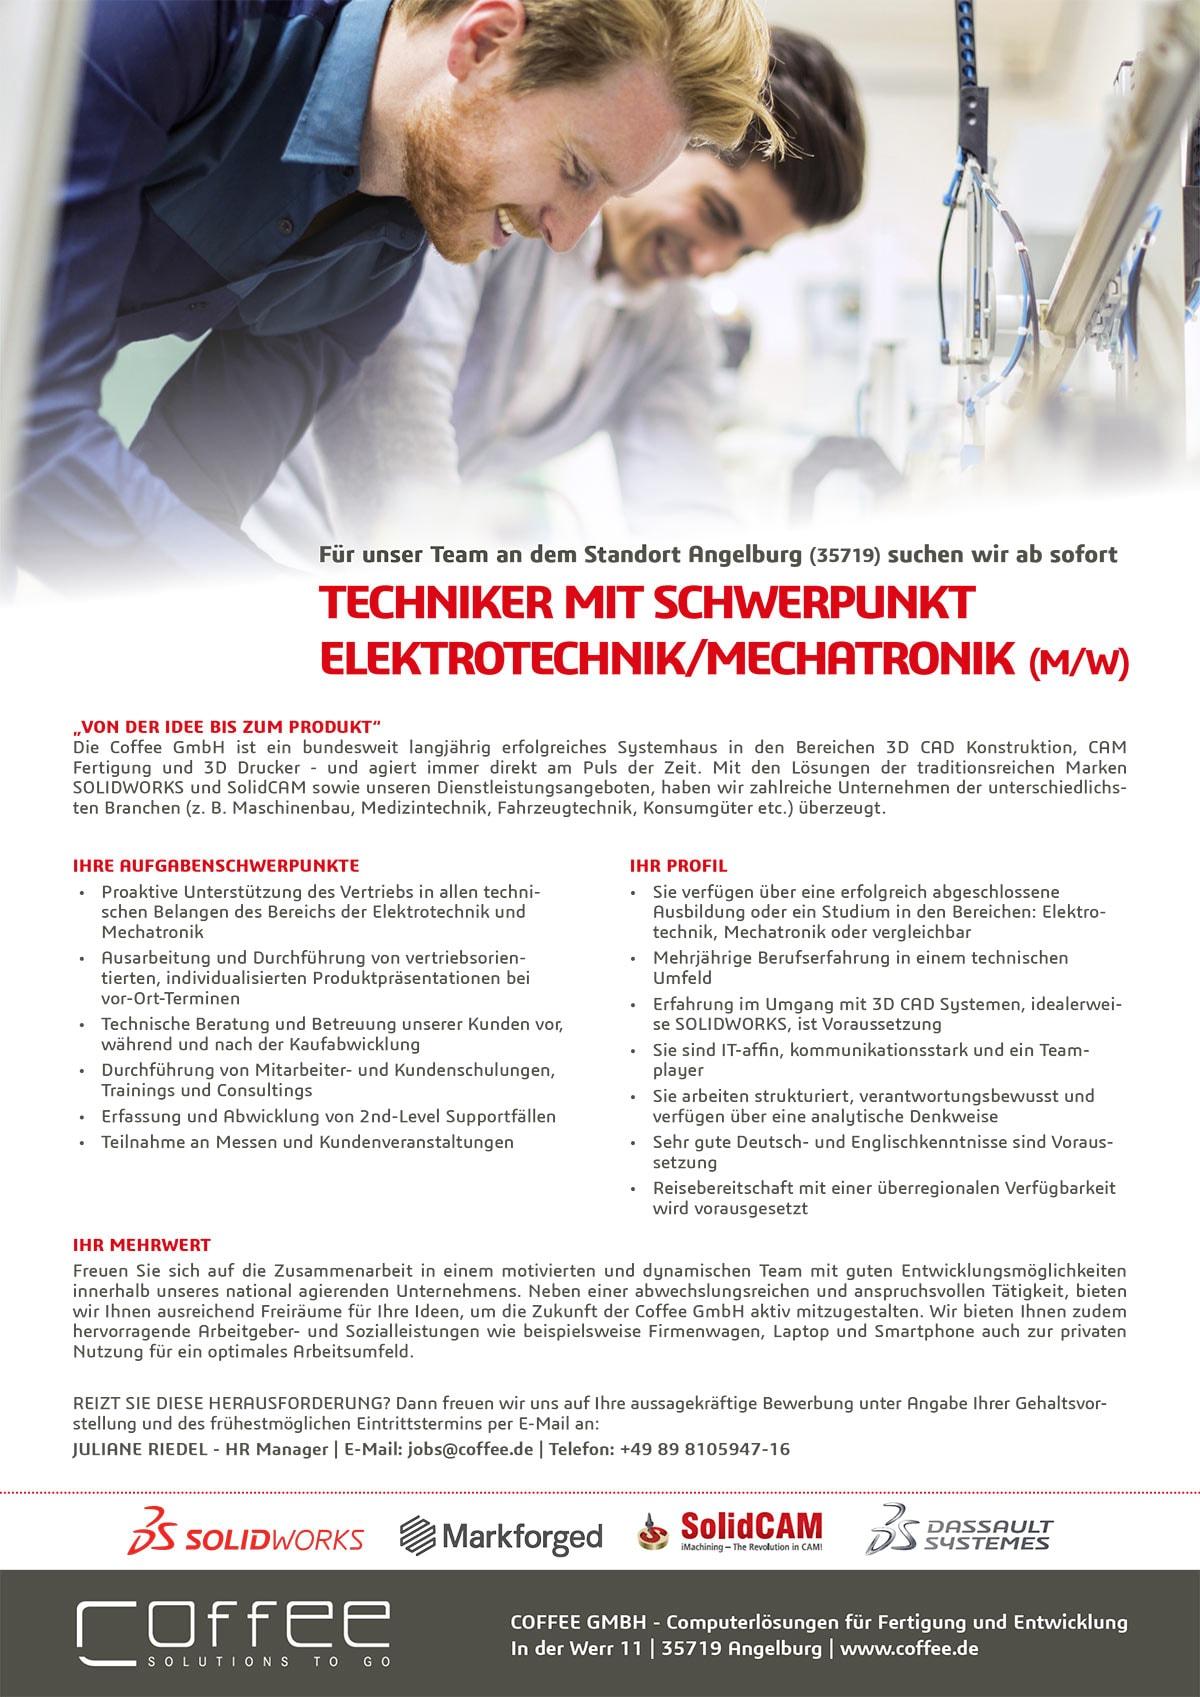 Stellenanzeige_Techniker-Electrical_0716_Angelburg